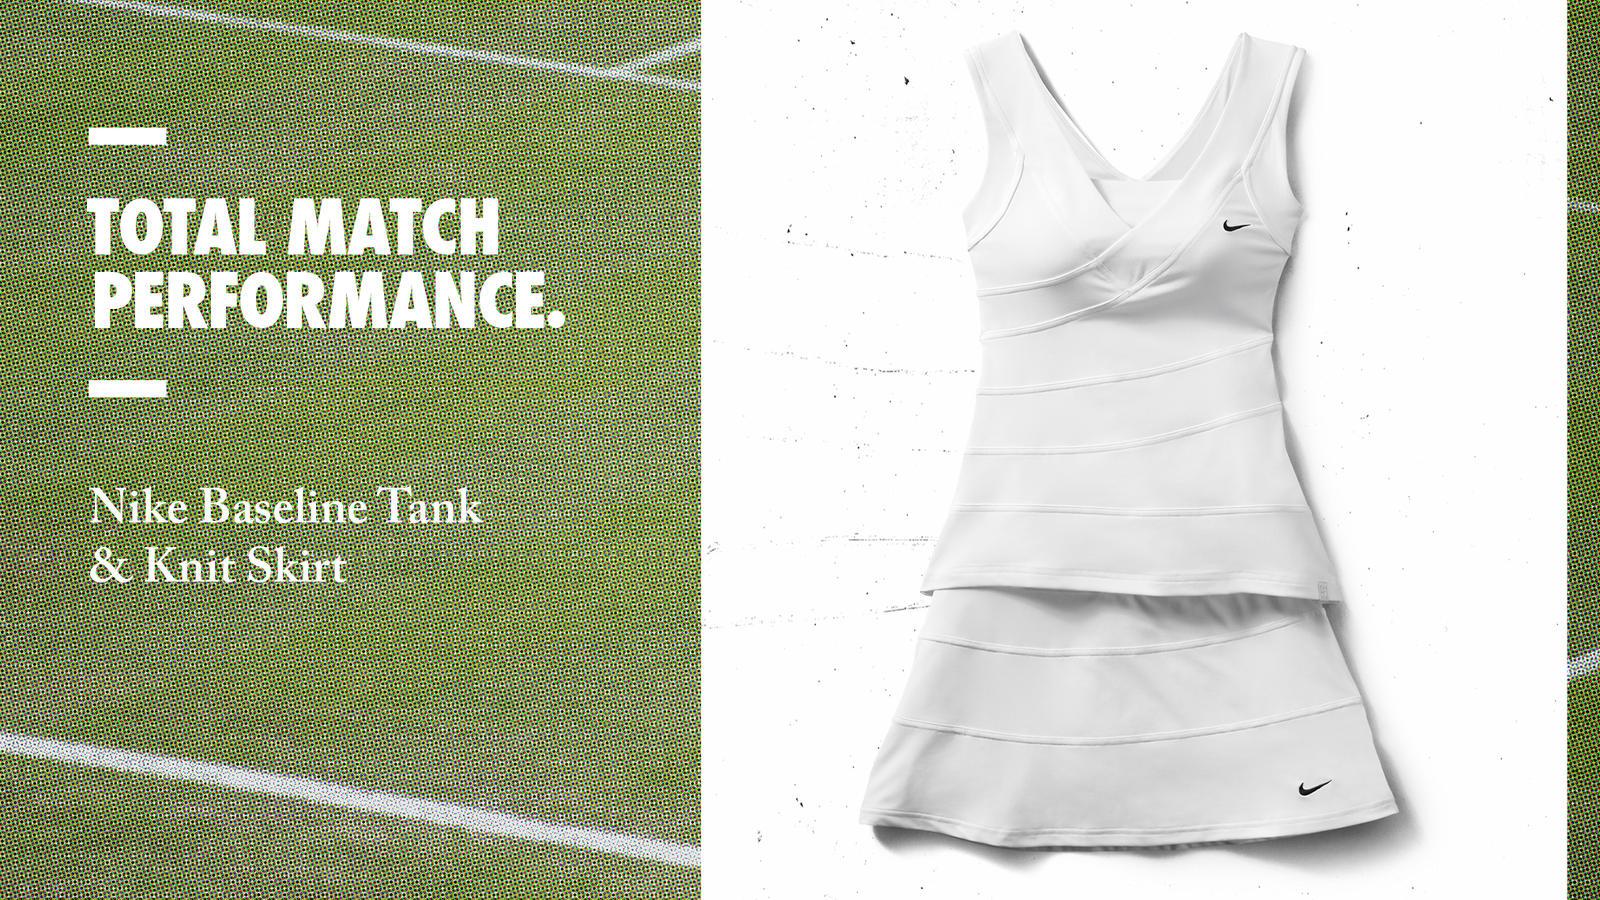 SU12_TN_Wimbledon_DigitalLookbook_FINAL_Text19